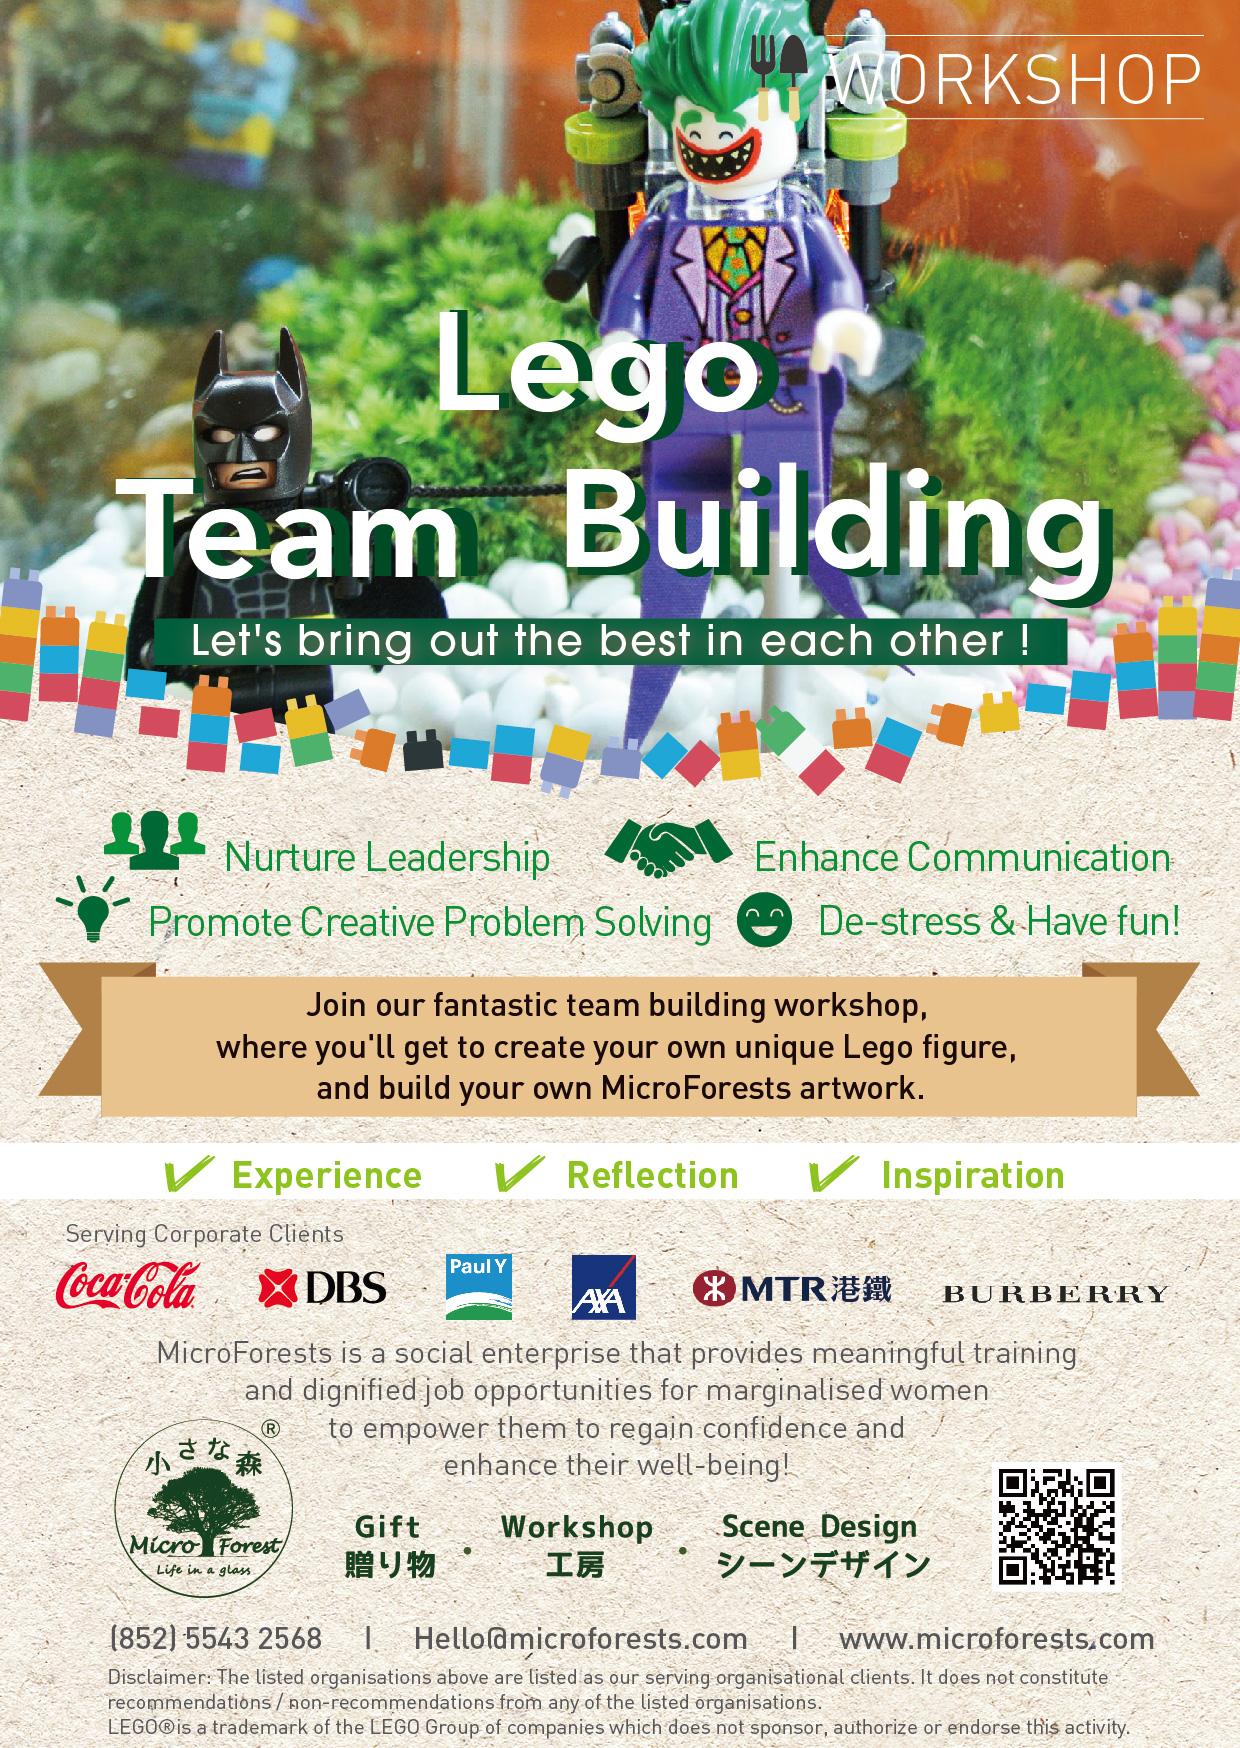 Legoteambuild01